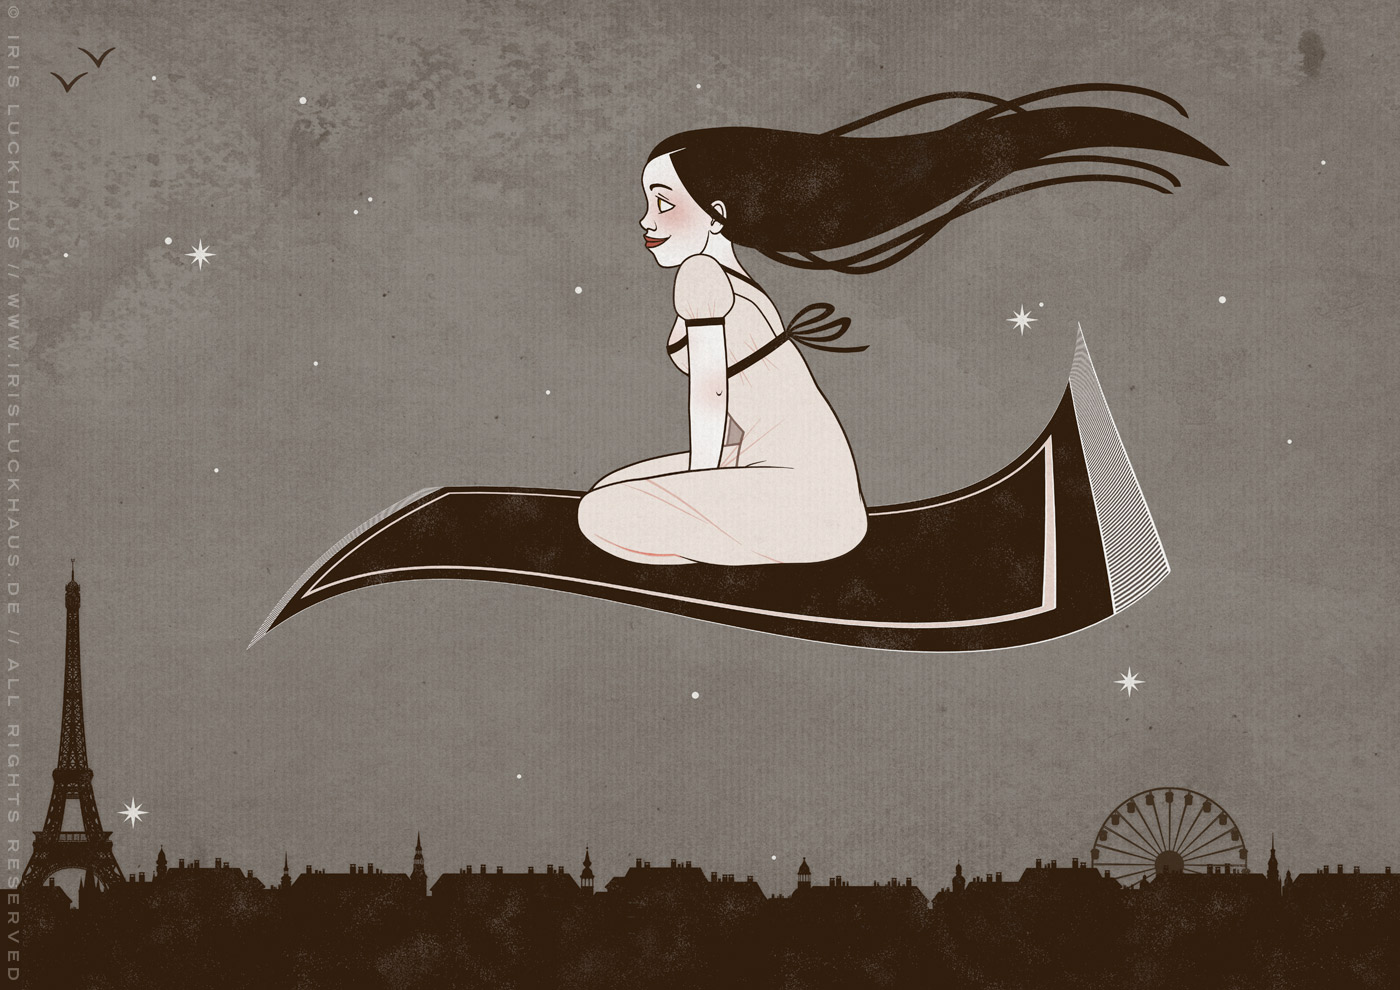 Illustration eines Mädchens auf einem fliegenden Teppich mit Simsalabim, Abrakadabra, Hokuspokus und Jicker für Märchen